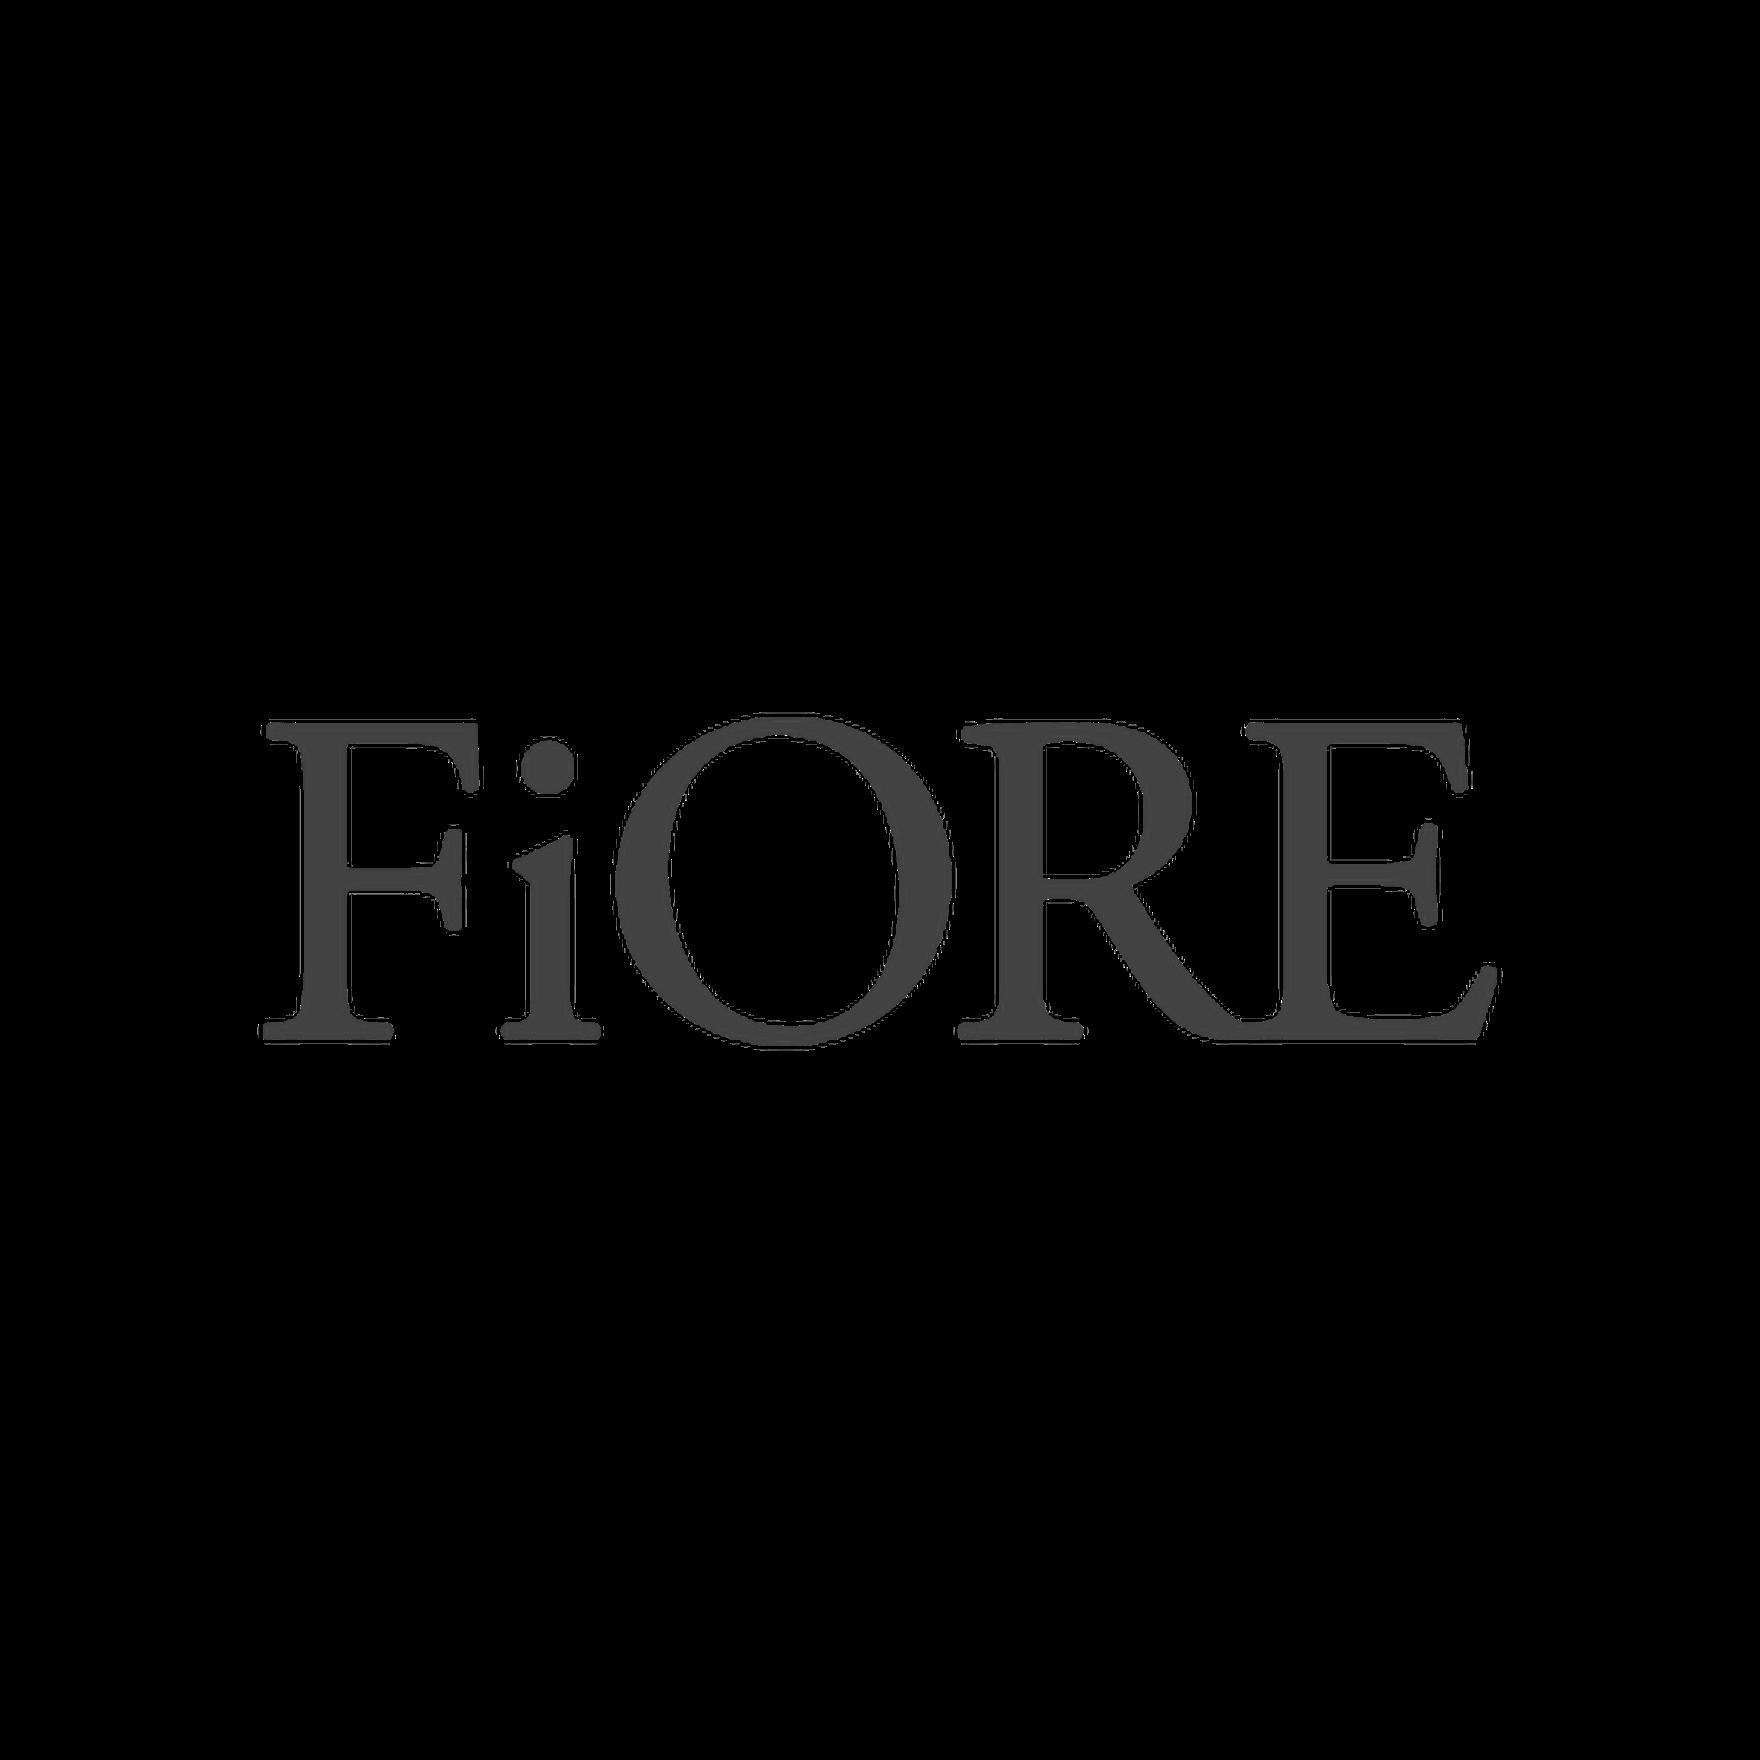 Fiore.pl